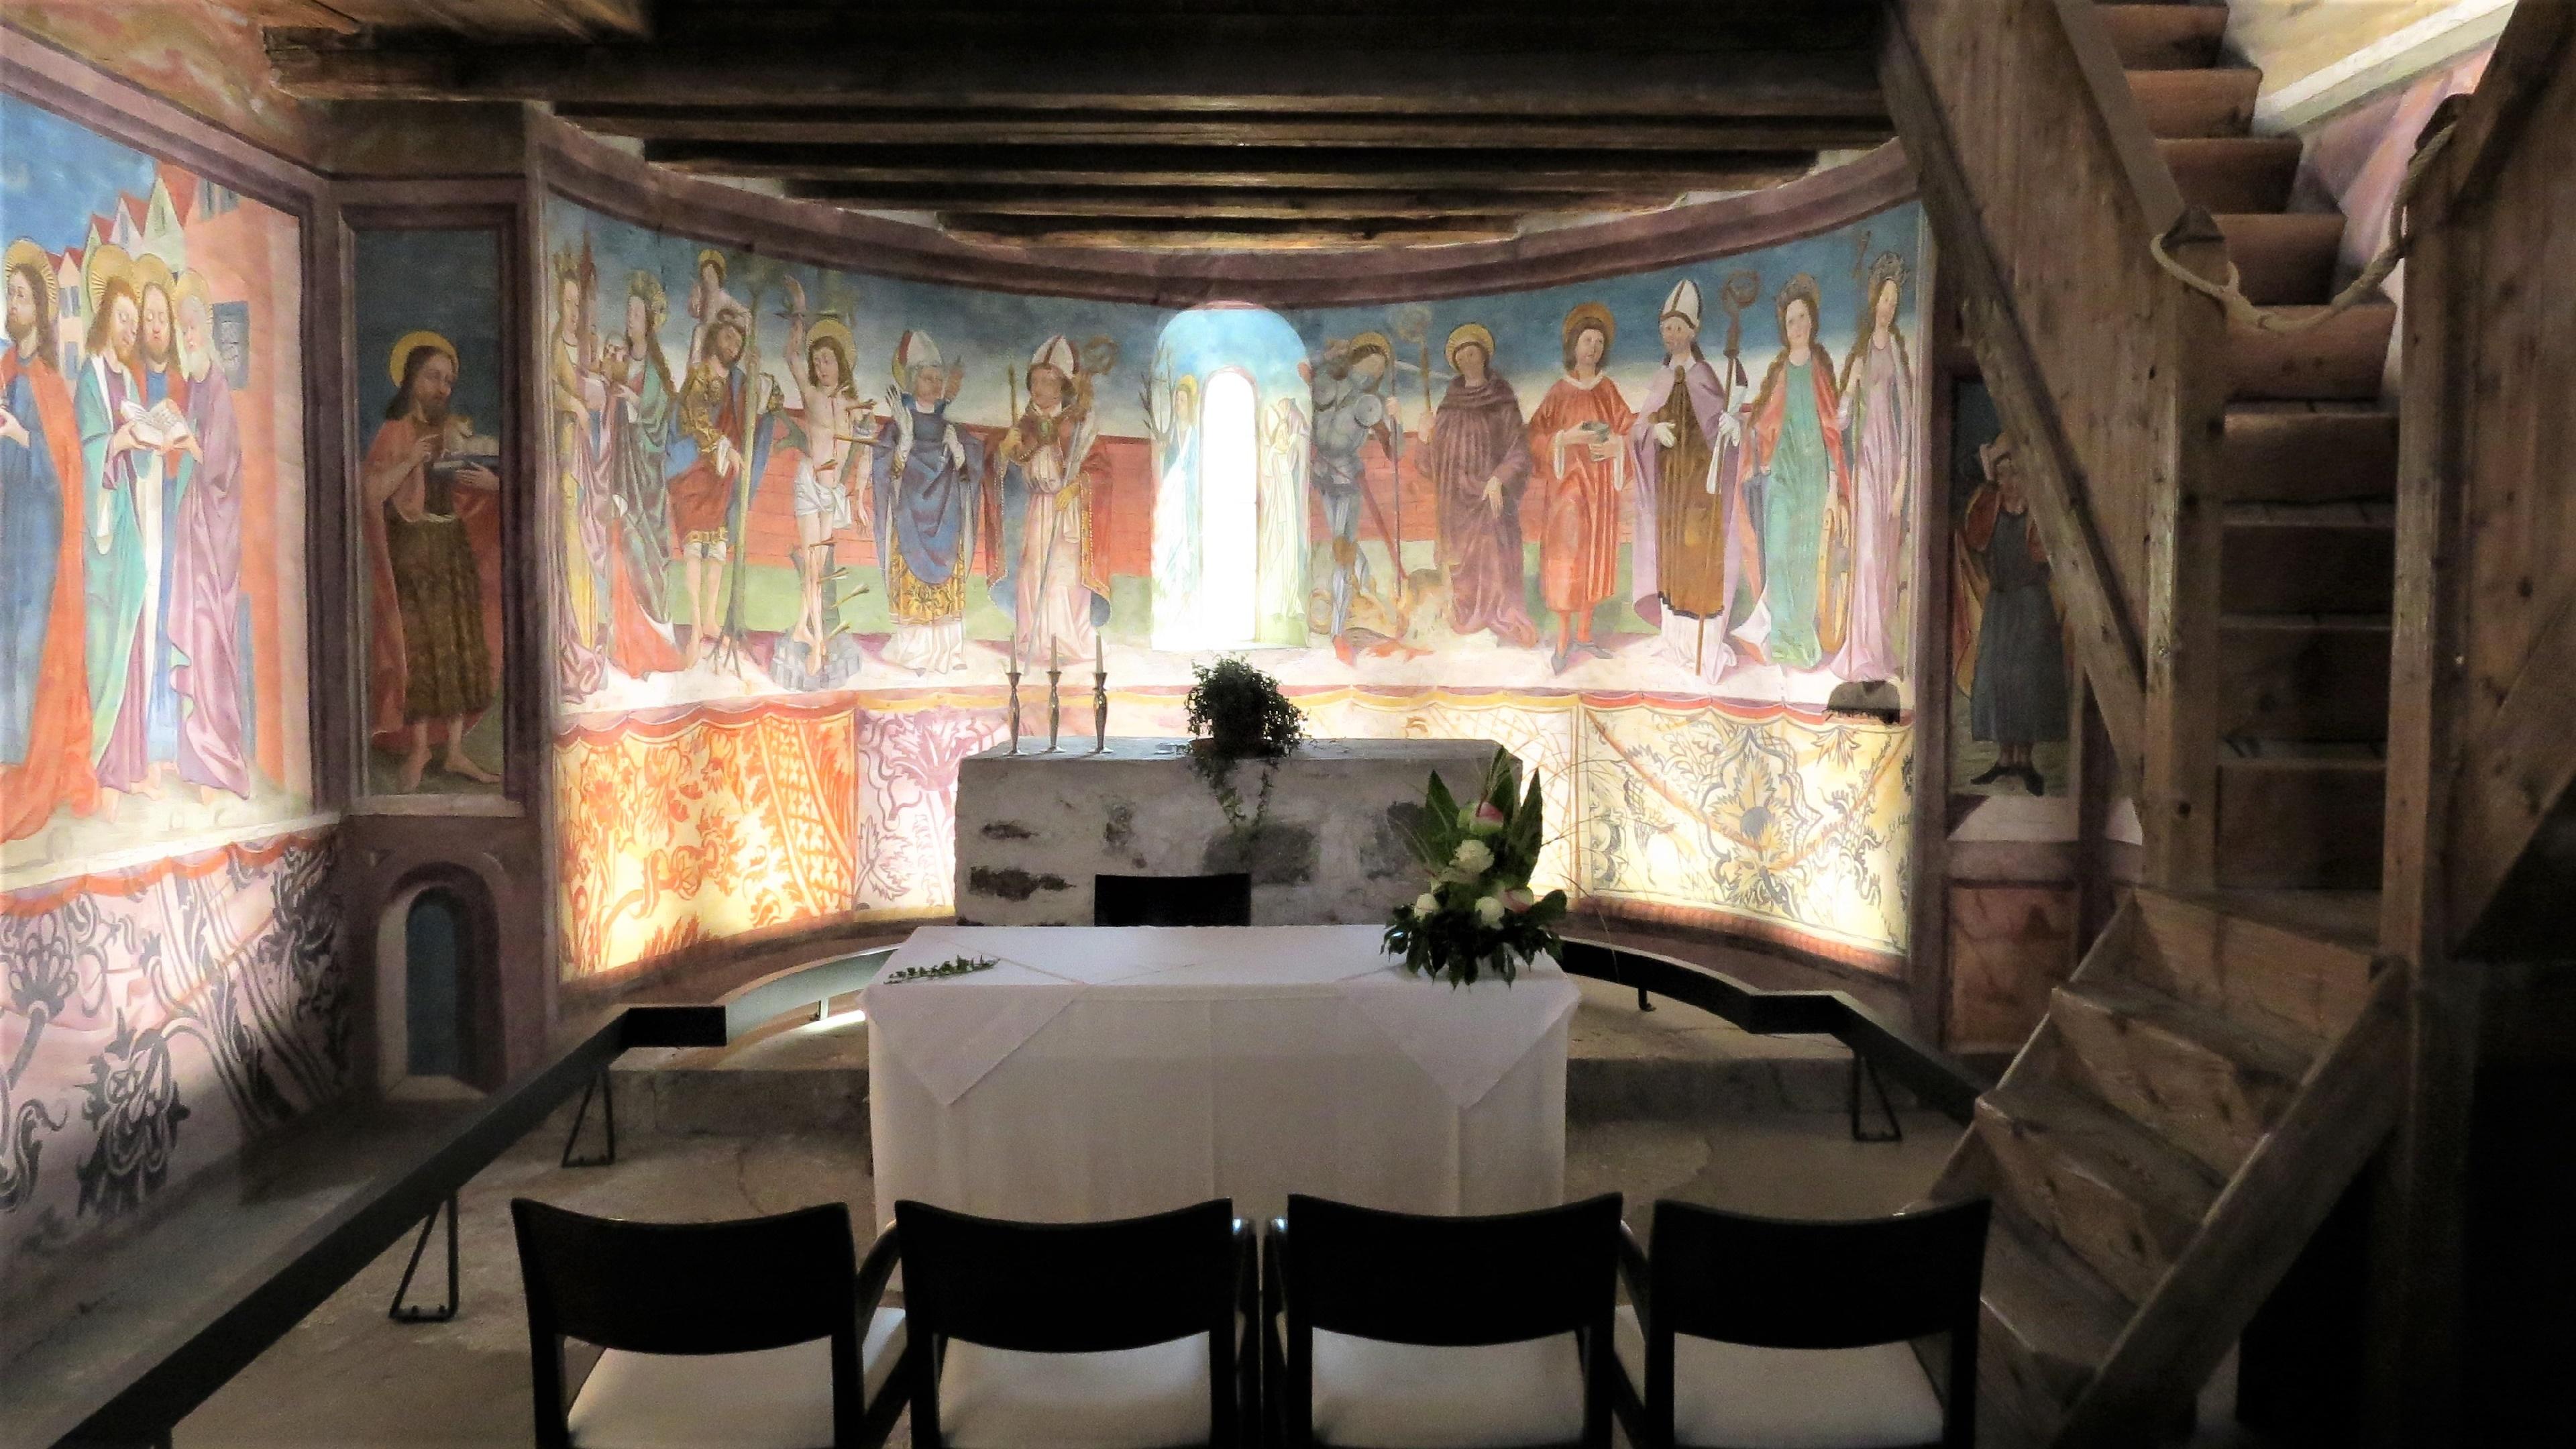 In a chapel wallpaper